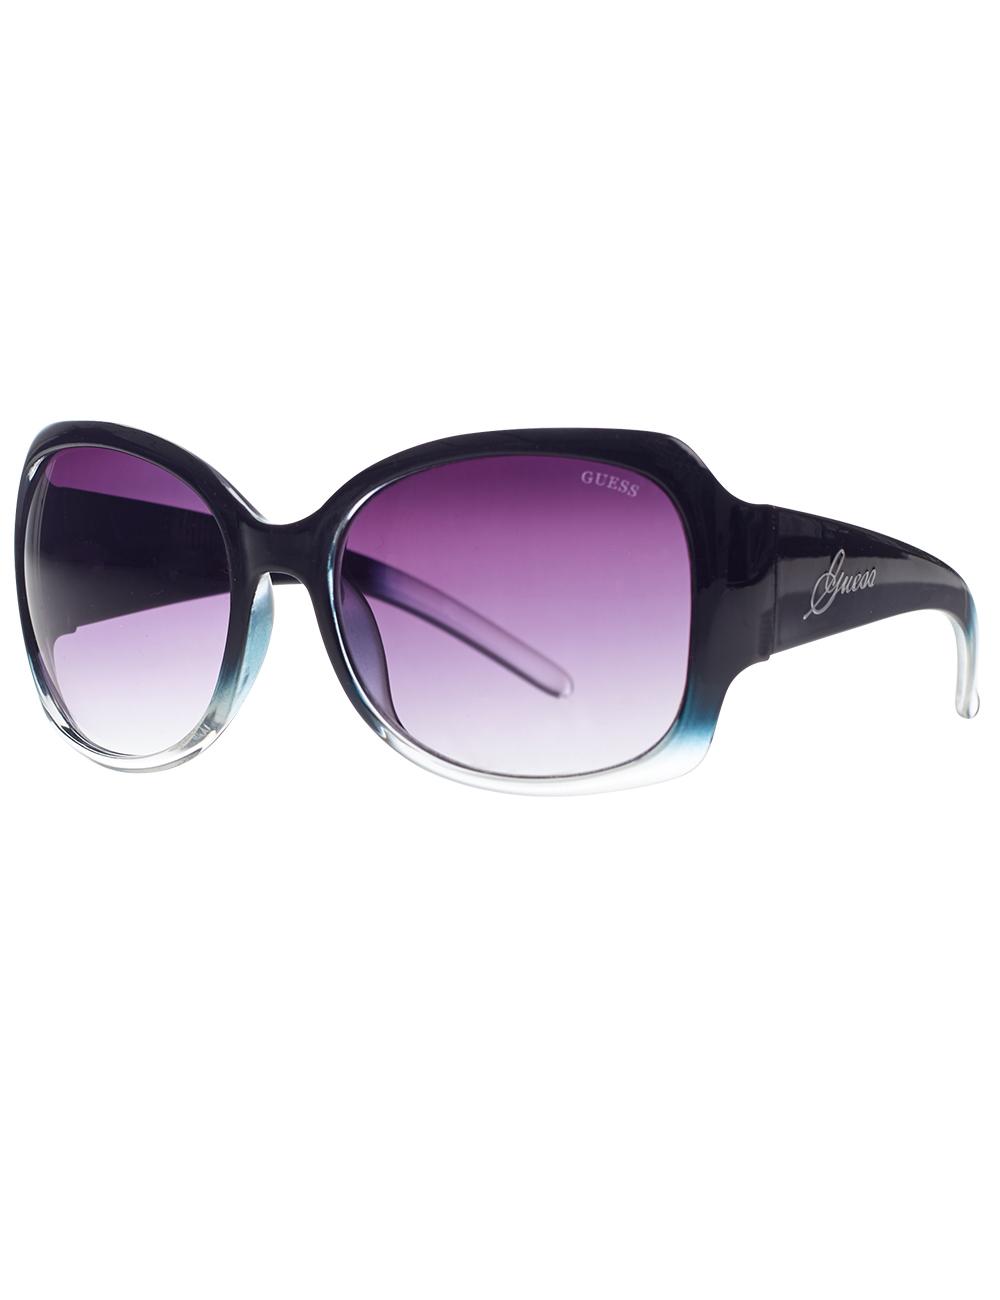 73e401934734a3 Damen-Sonnenbrille Guess, abgestuft